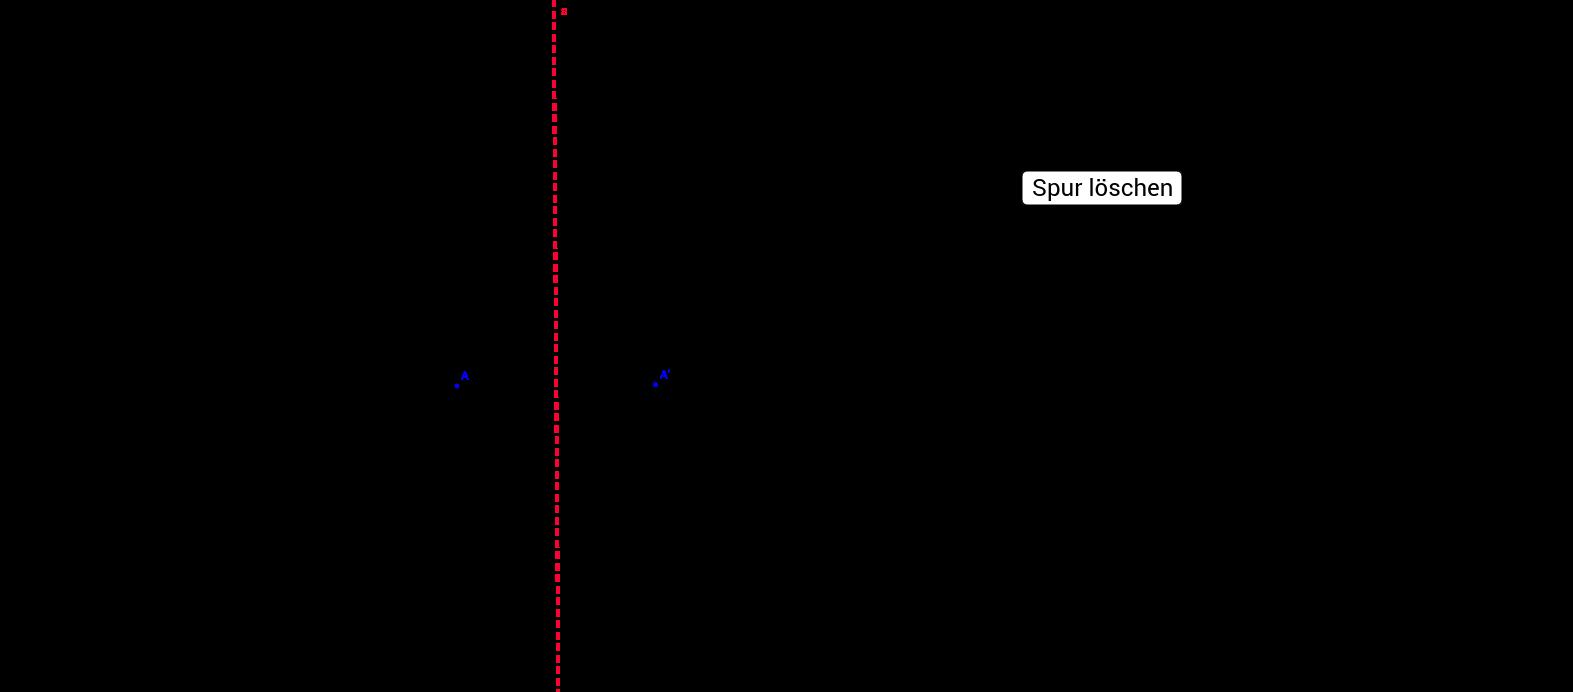 Symmetrieachse erkennen